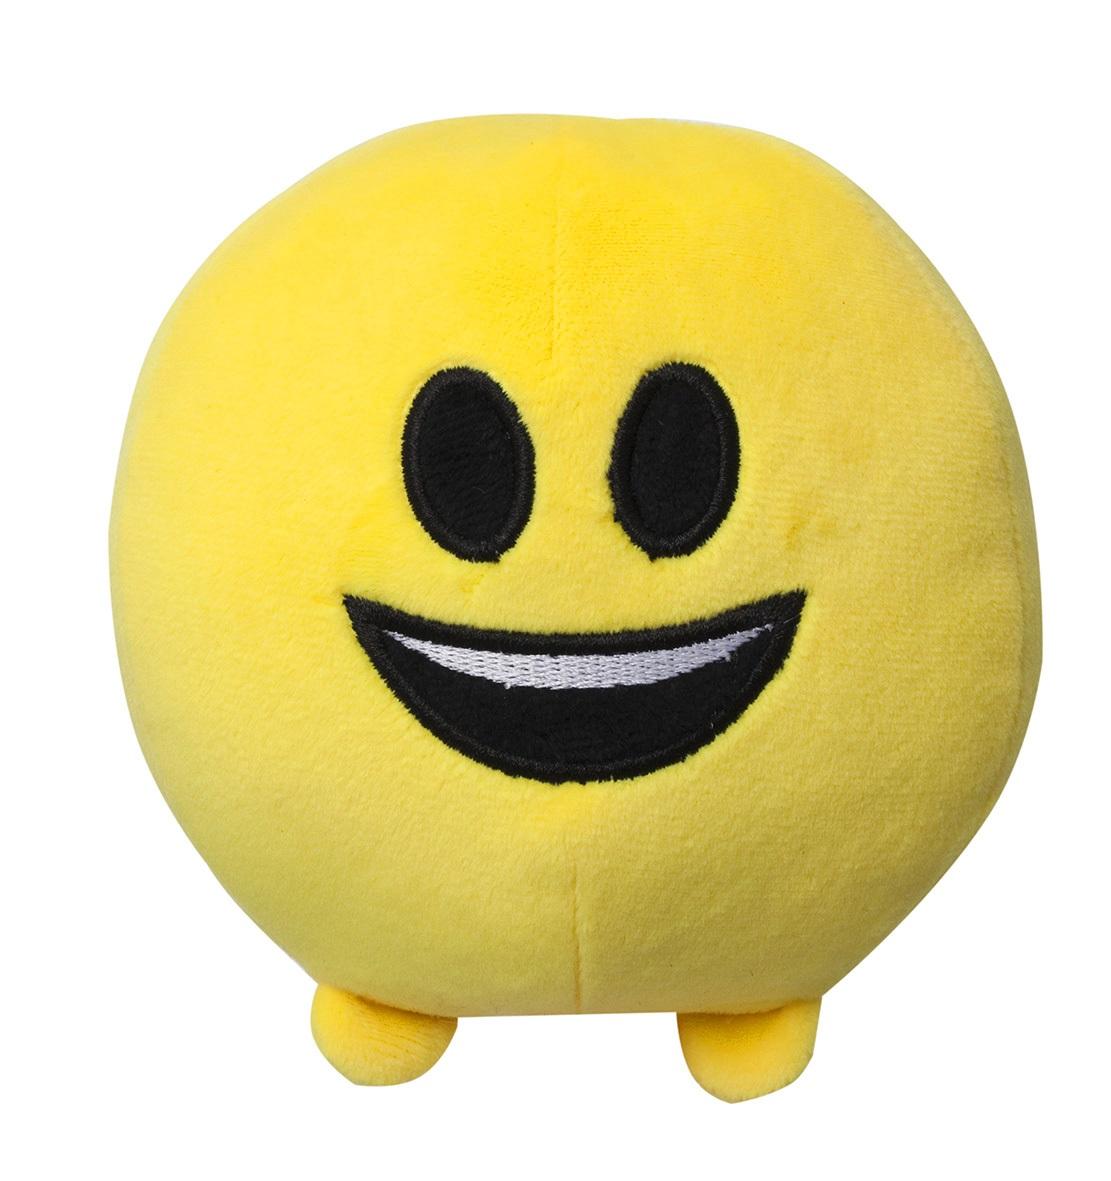 Мягкая игрушка Imoji. Улыбка (11 см)Представляем вашему вниманию мягкую игрушку Imoji. Улыбка в виде одного из смайлов самого популярного месенджера WhatsApp.<br>